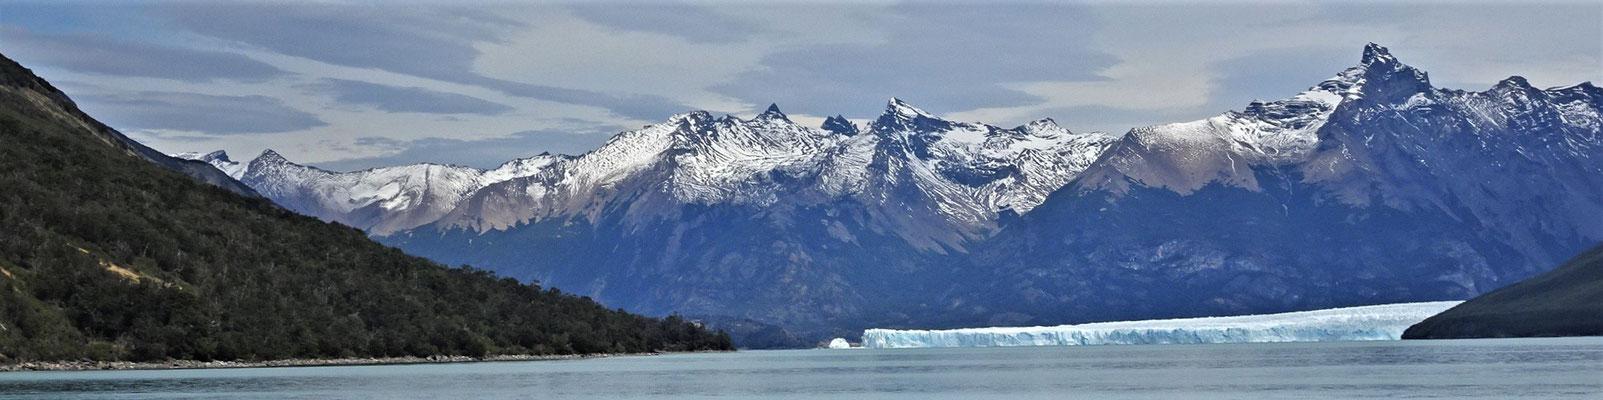 Der Blick auf den Perito Moreno Gletscher.....